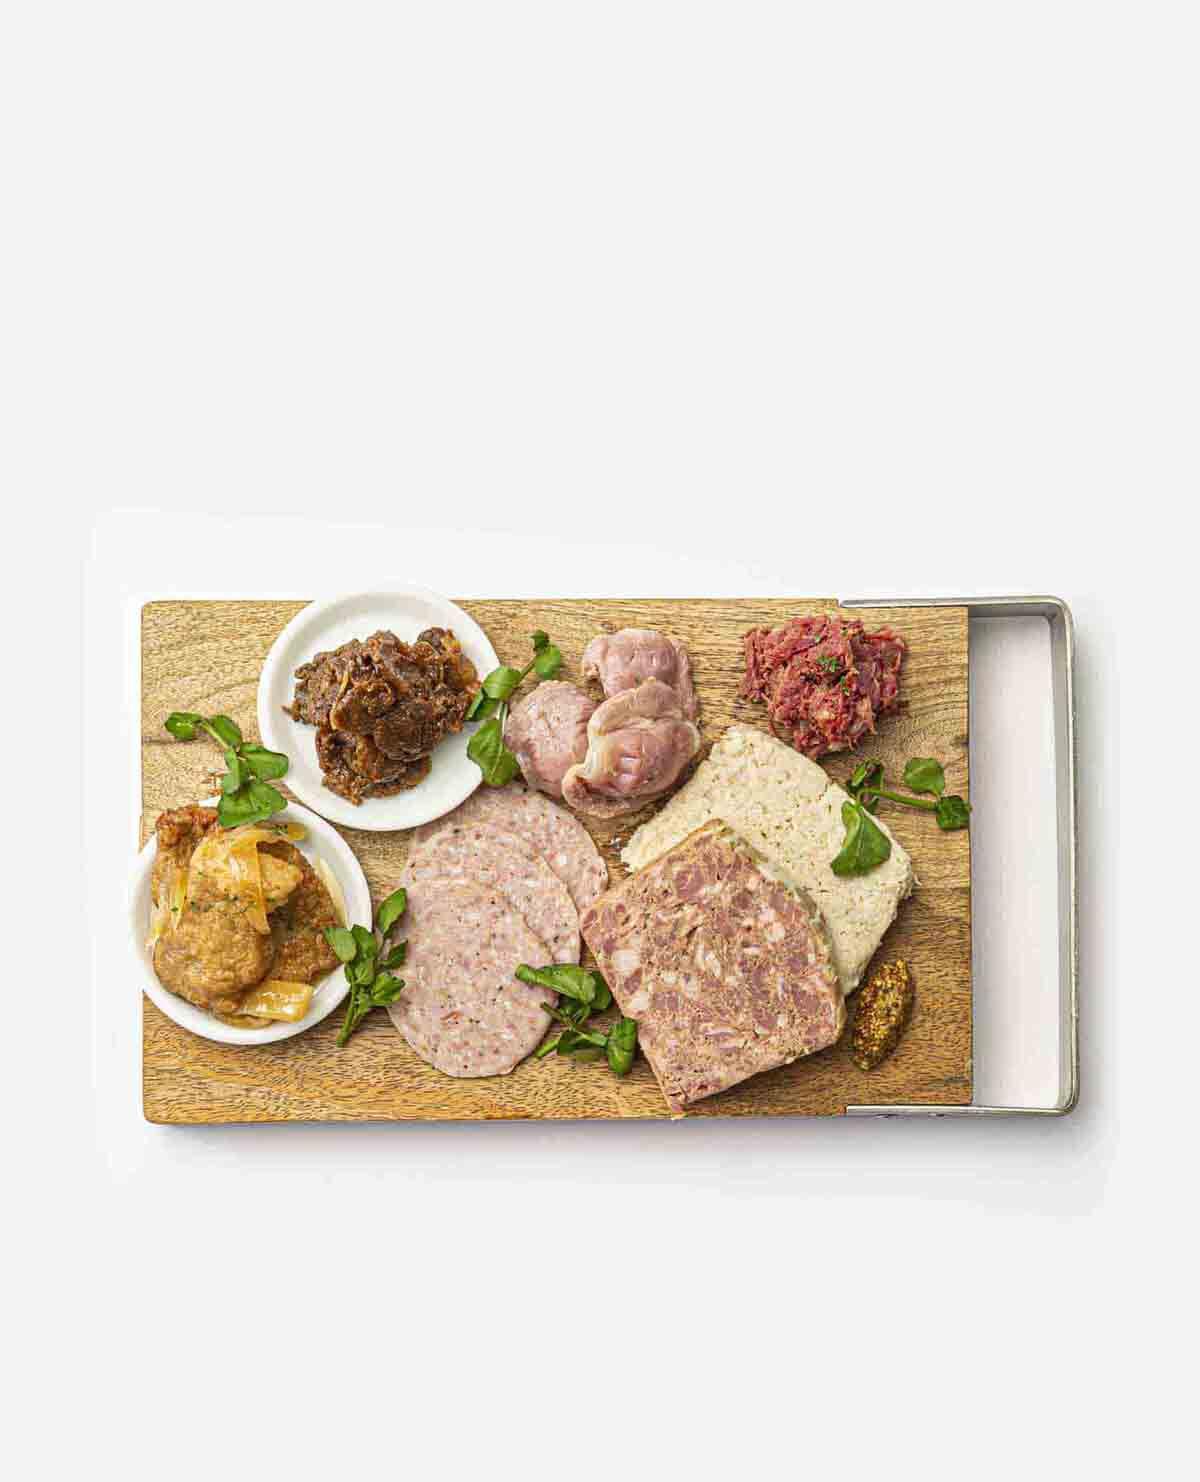 肉屋がつくる冷製おつまみ シャルキュトリーセット